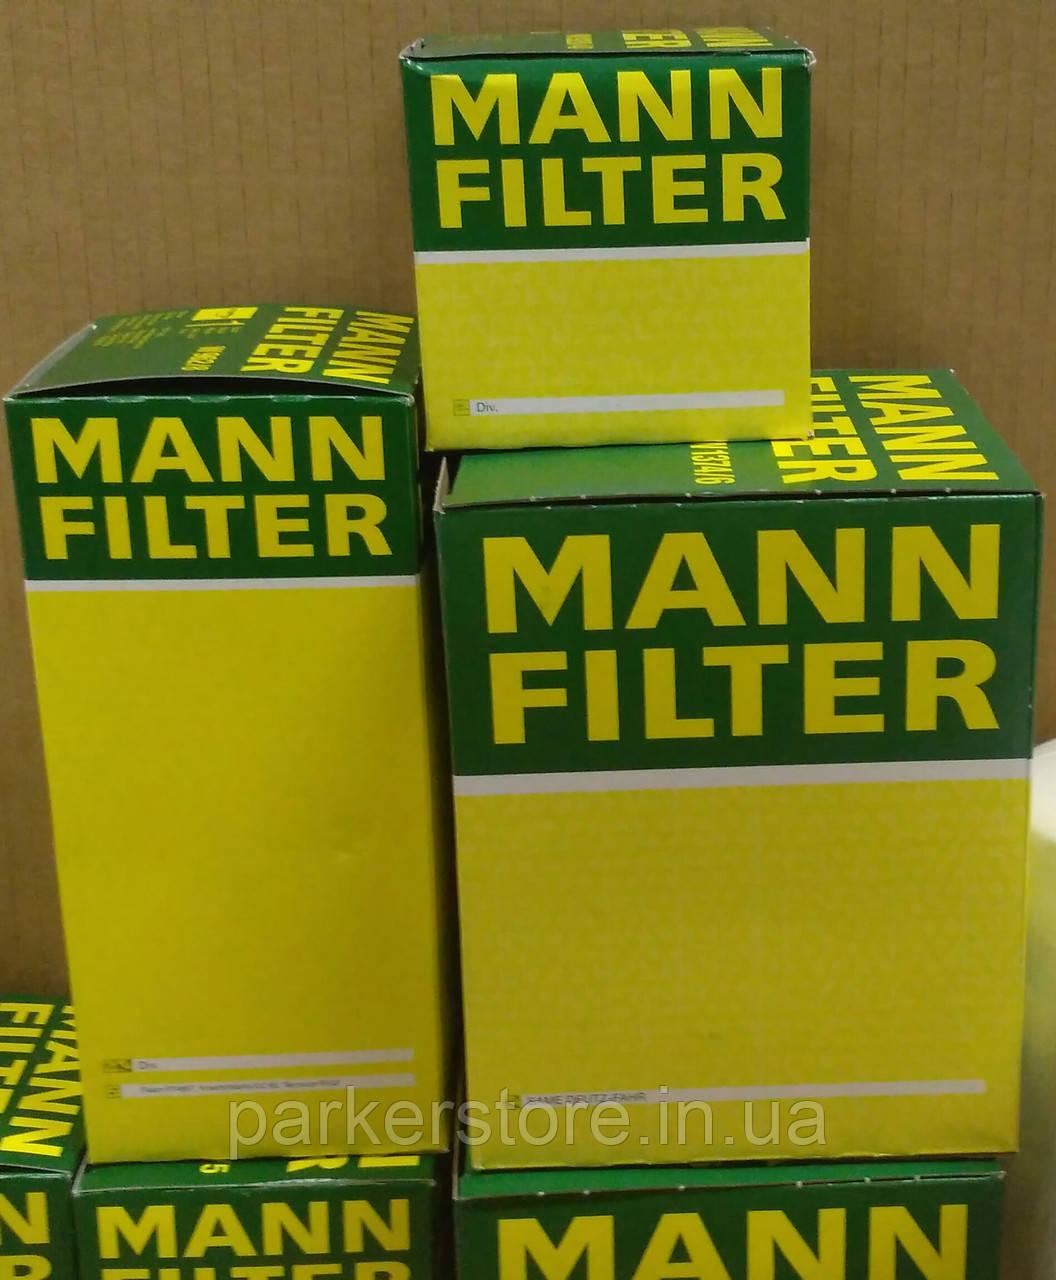 MANN FILTER / Повітряний фільтр / C 26 110/1 / C26110/1